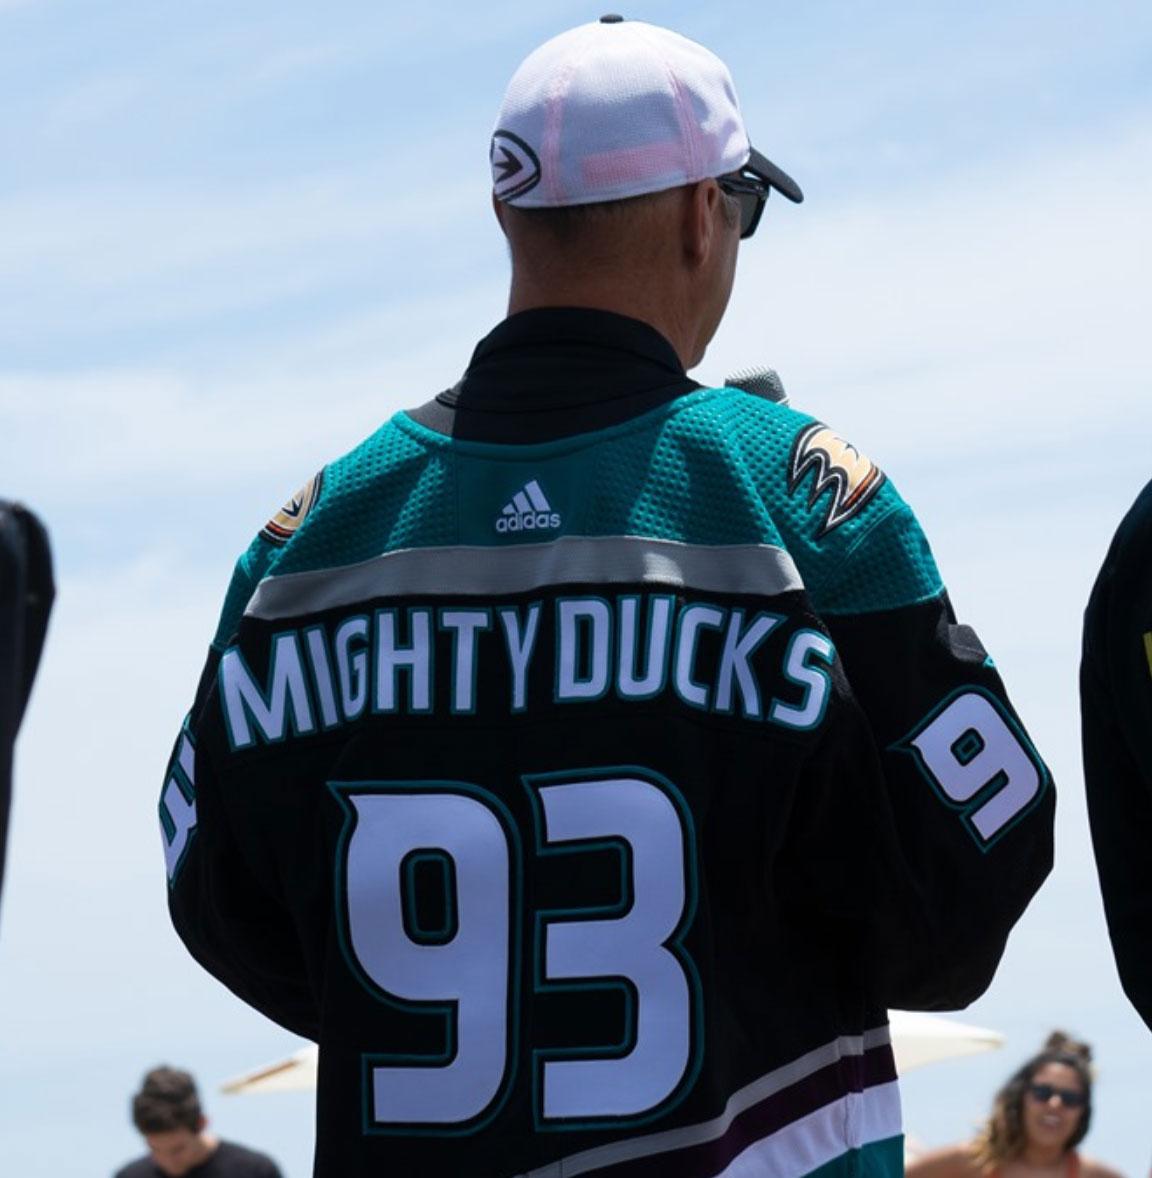 10ac8e7b2 Ducks Third Jersey Back